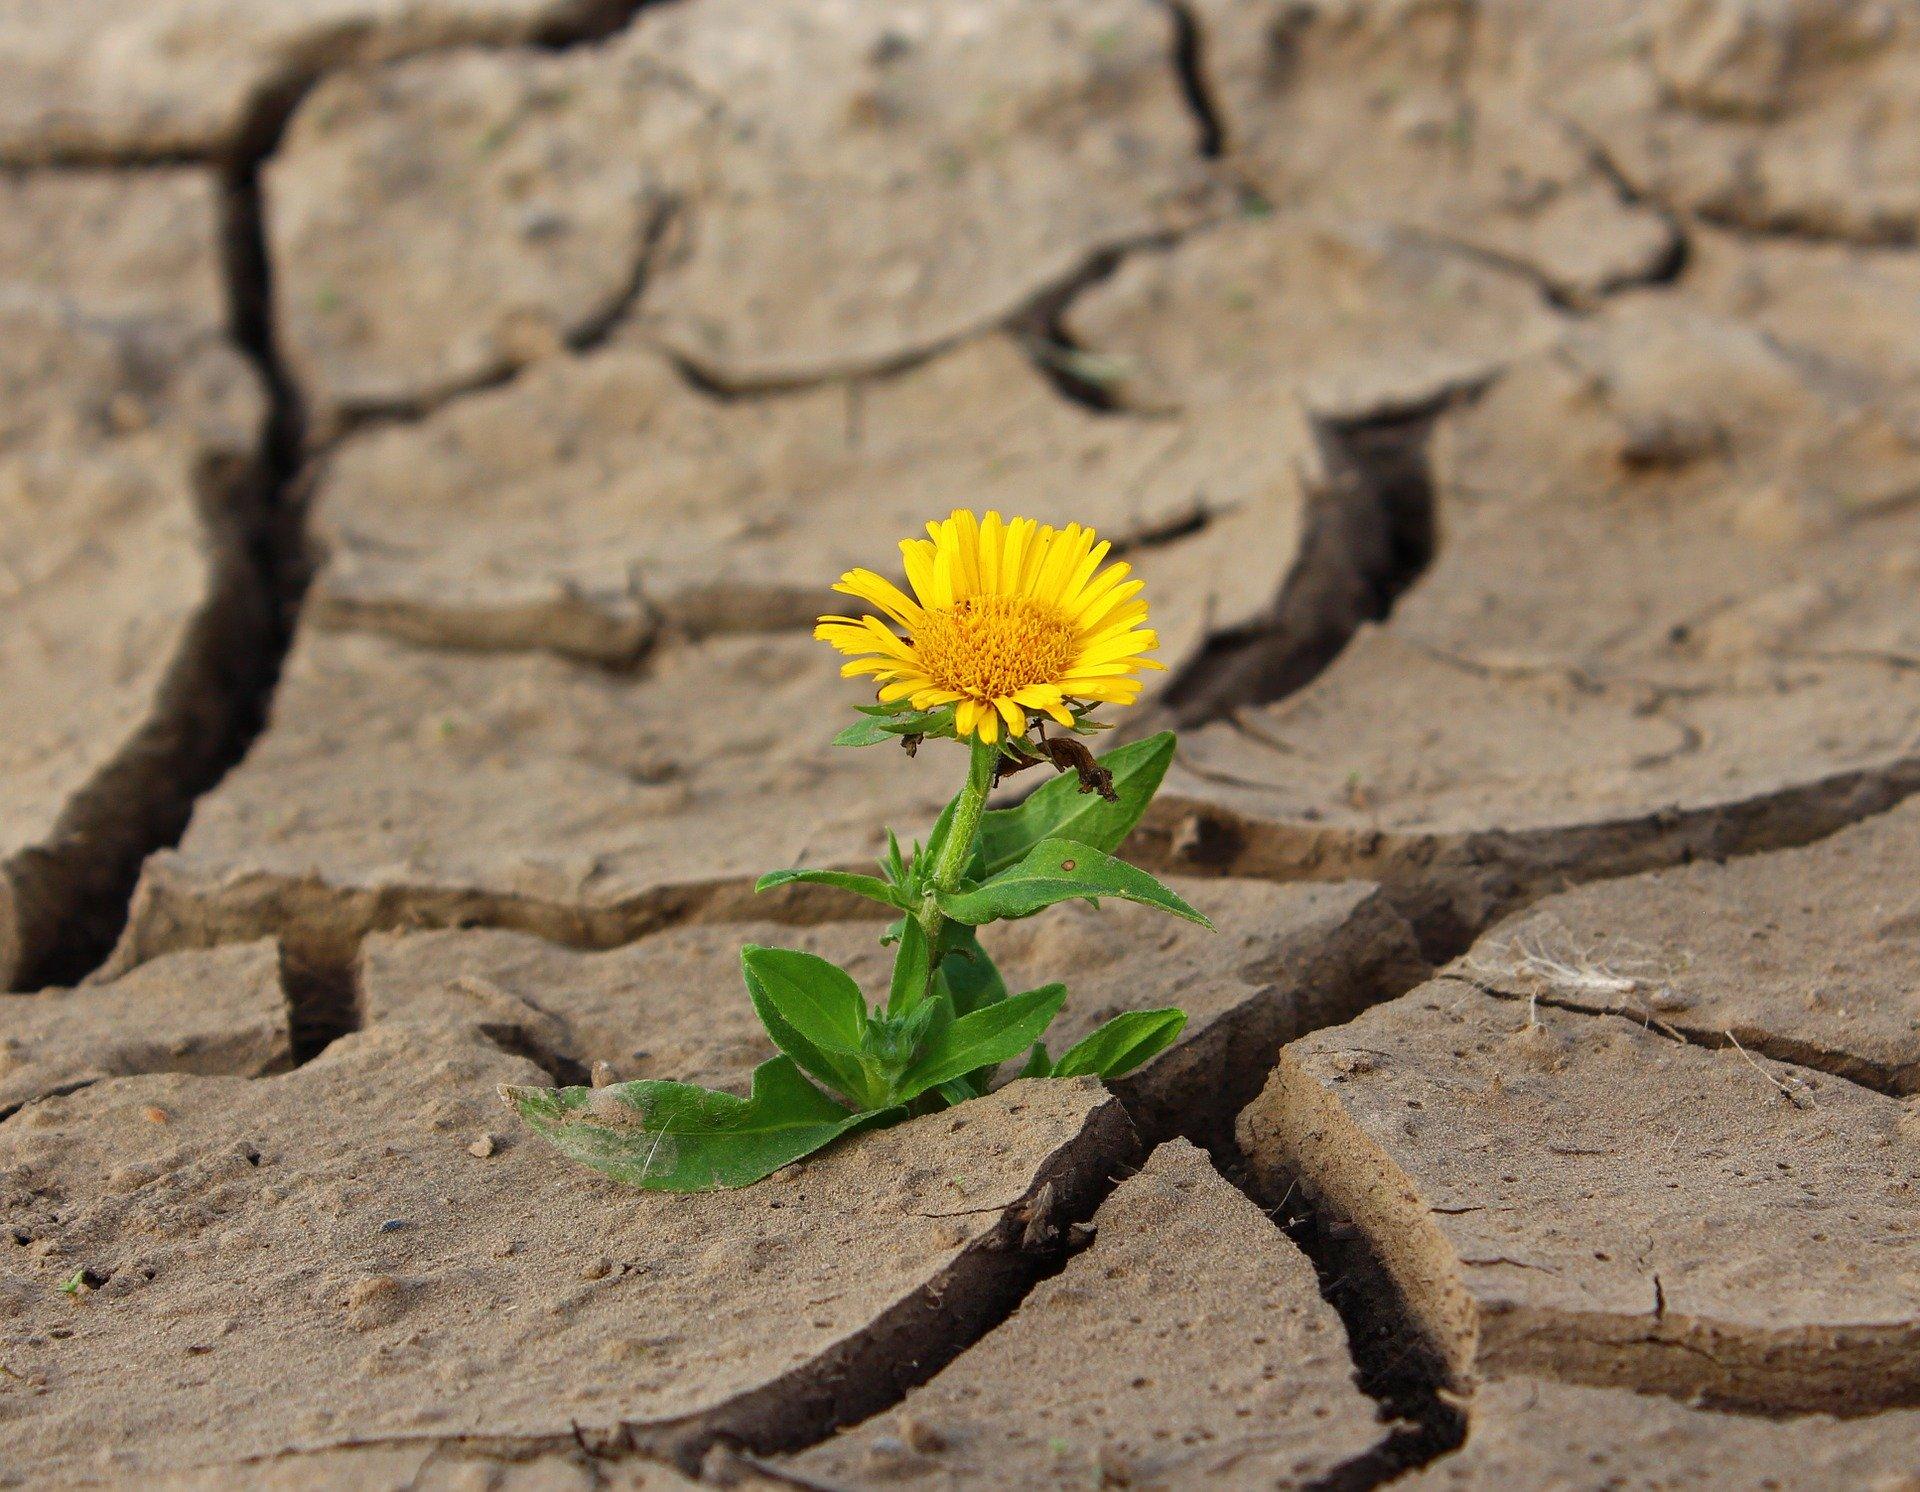 L'enjeu principal du déconfinement : la capacité d'adaptation continue